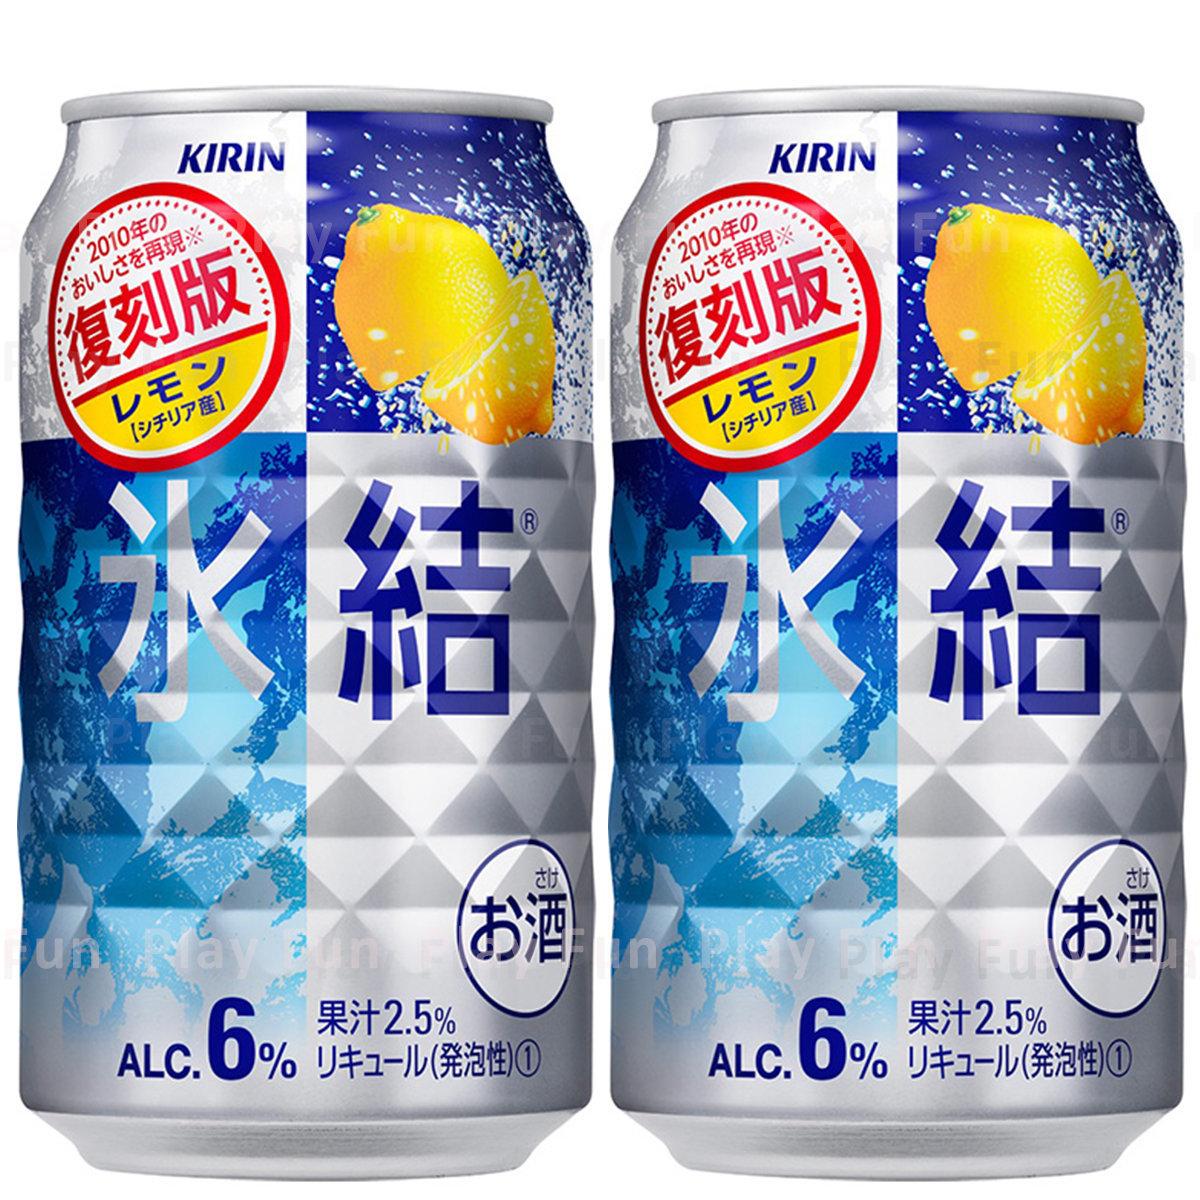 [復刻版] 冰結 檸檬味果汁酒 ALC.6% 350ml x 2罐  (4901411099736_2)